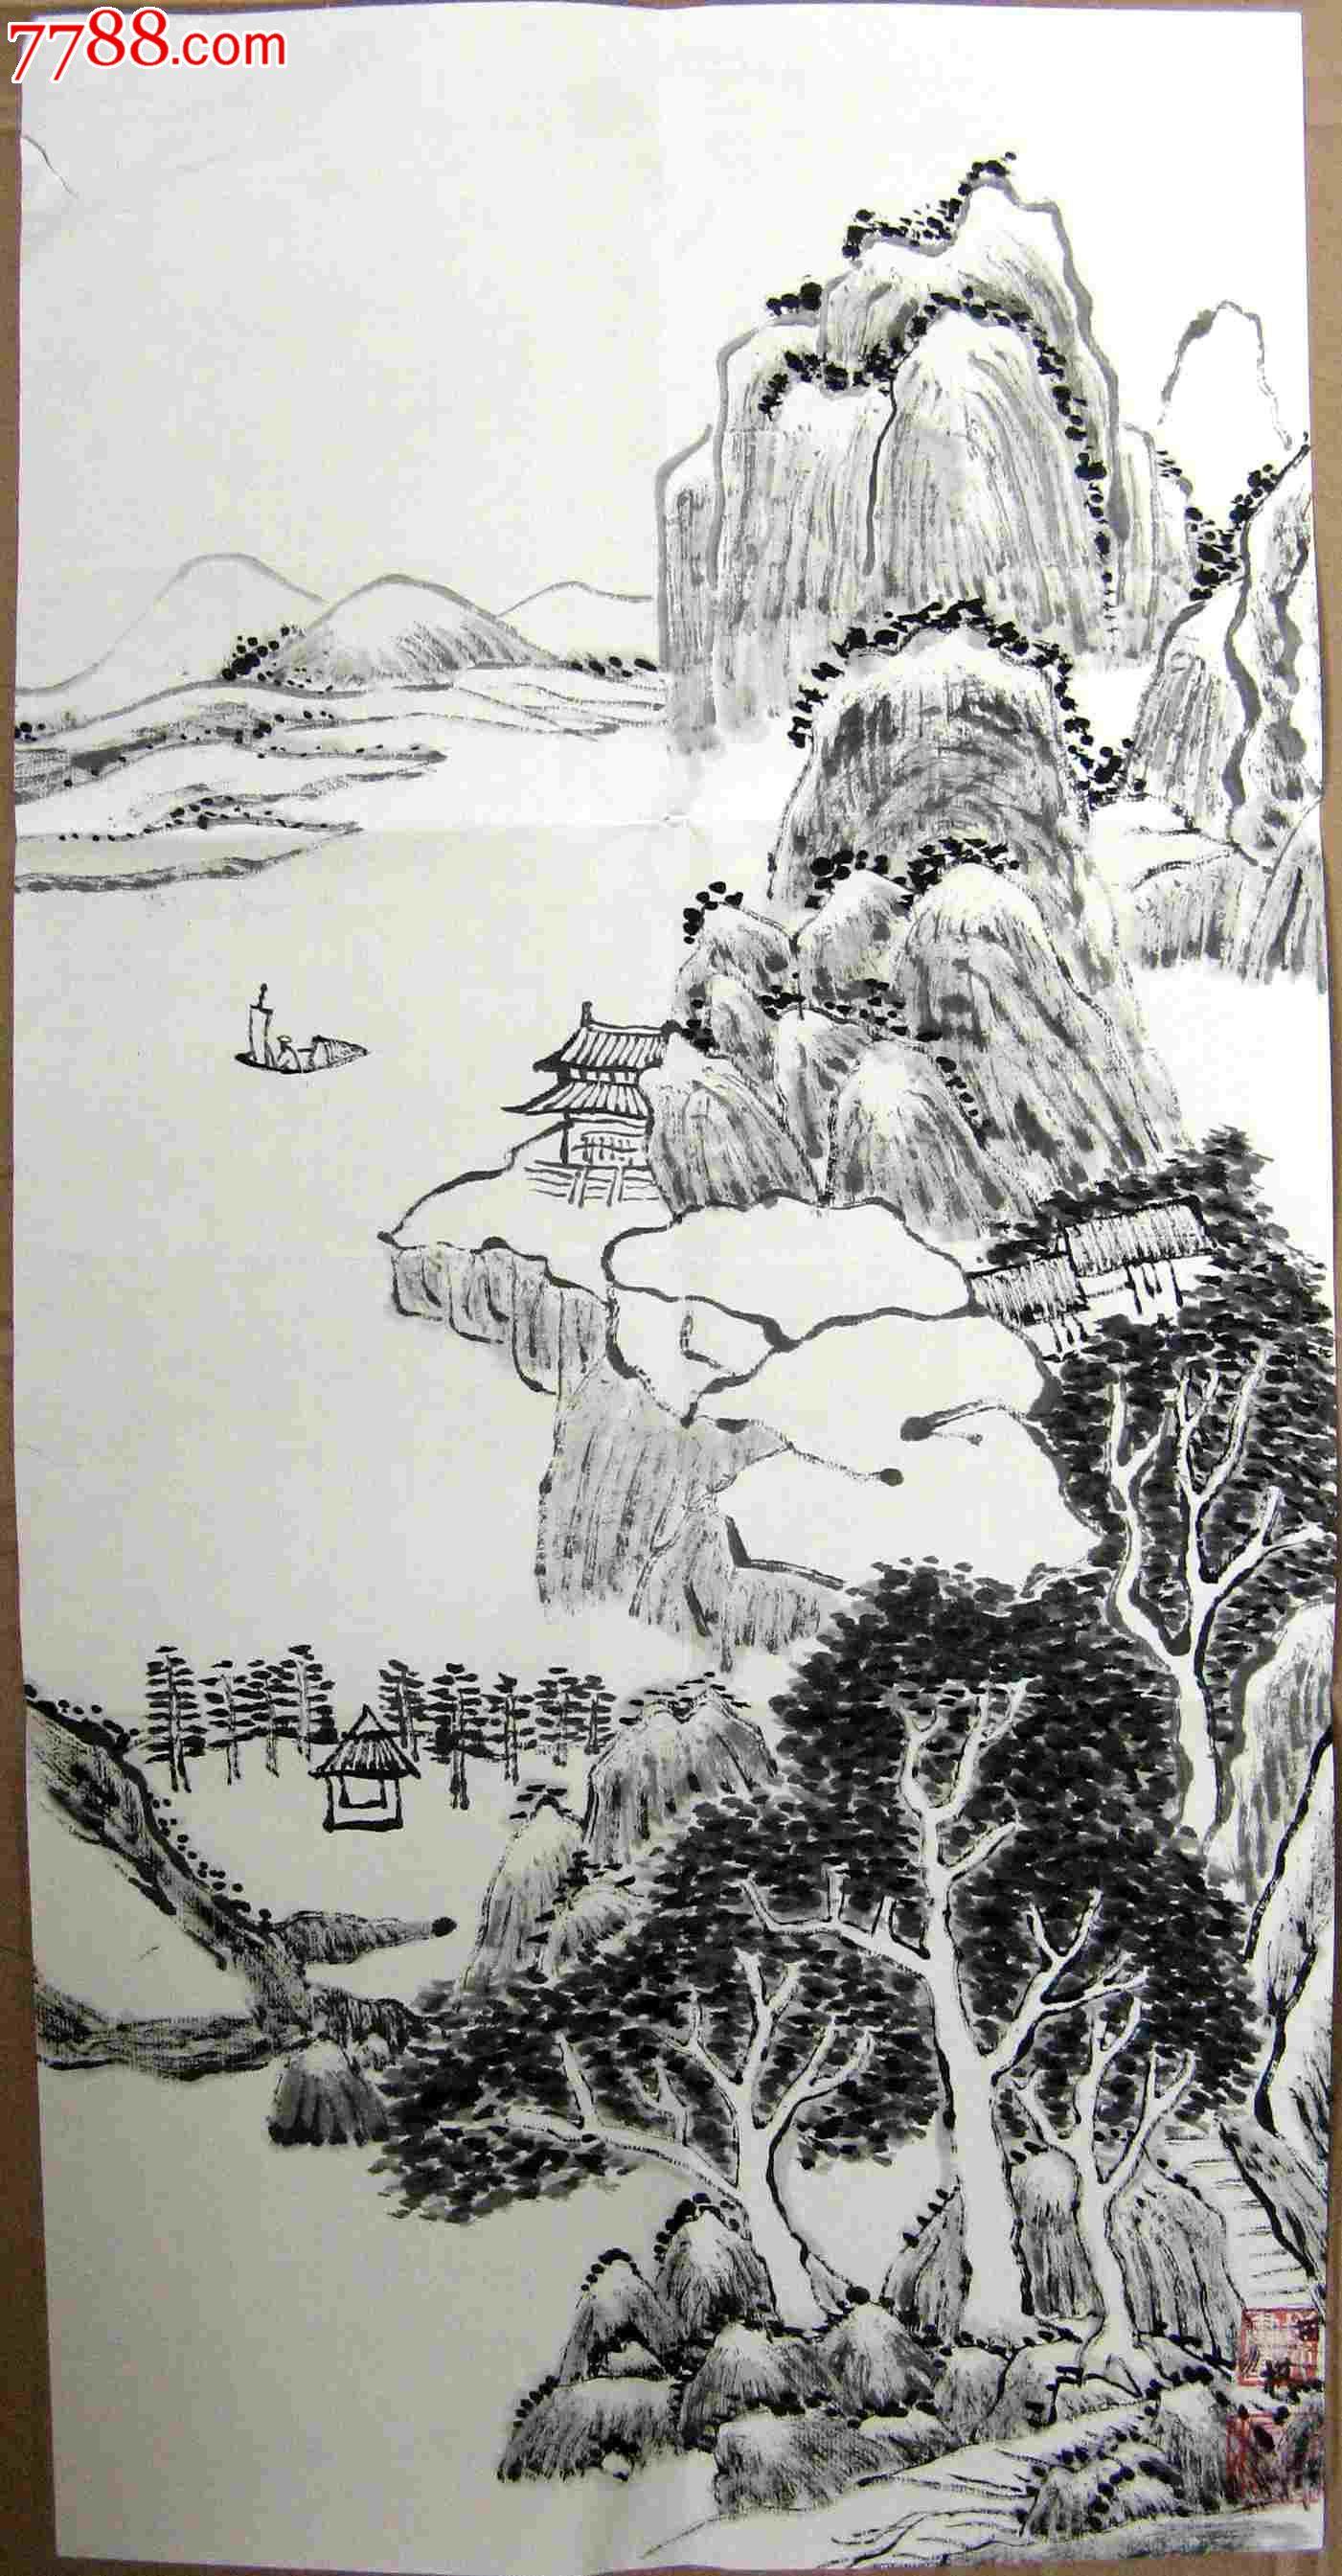 横幅简单的水墨画-仿古风格的二尺条幅水墨山水画 溪山荡舟 已简托裱图片